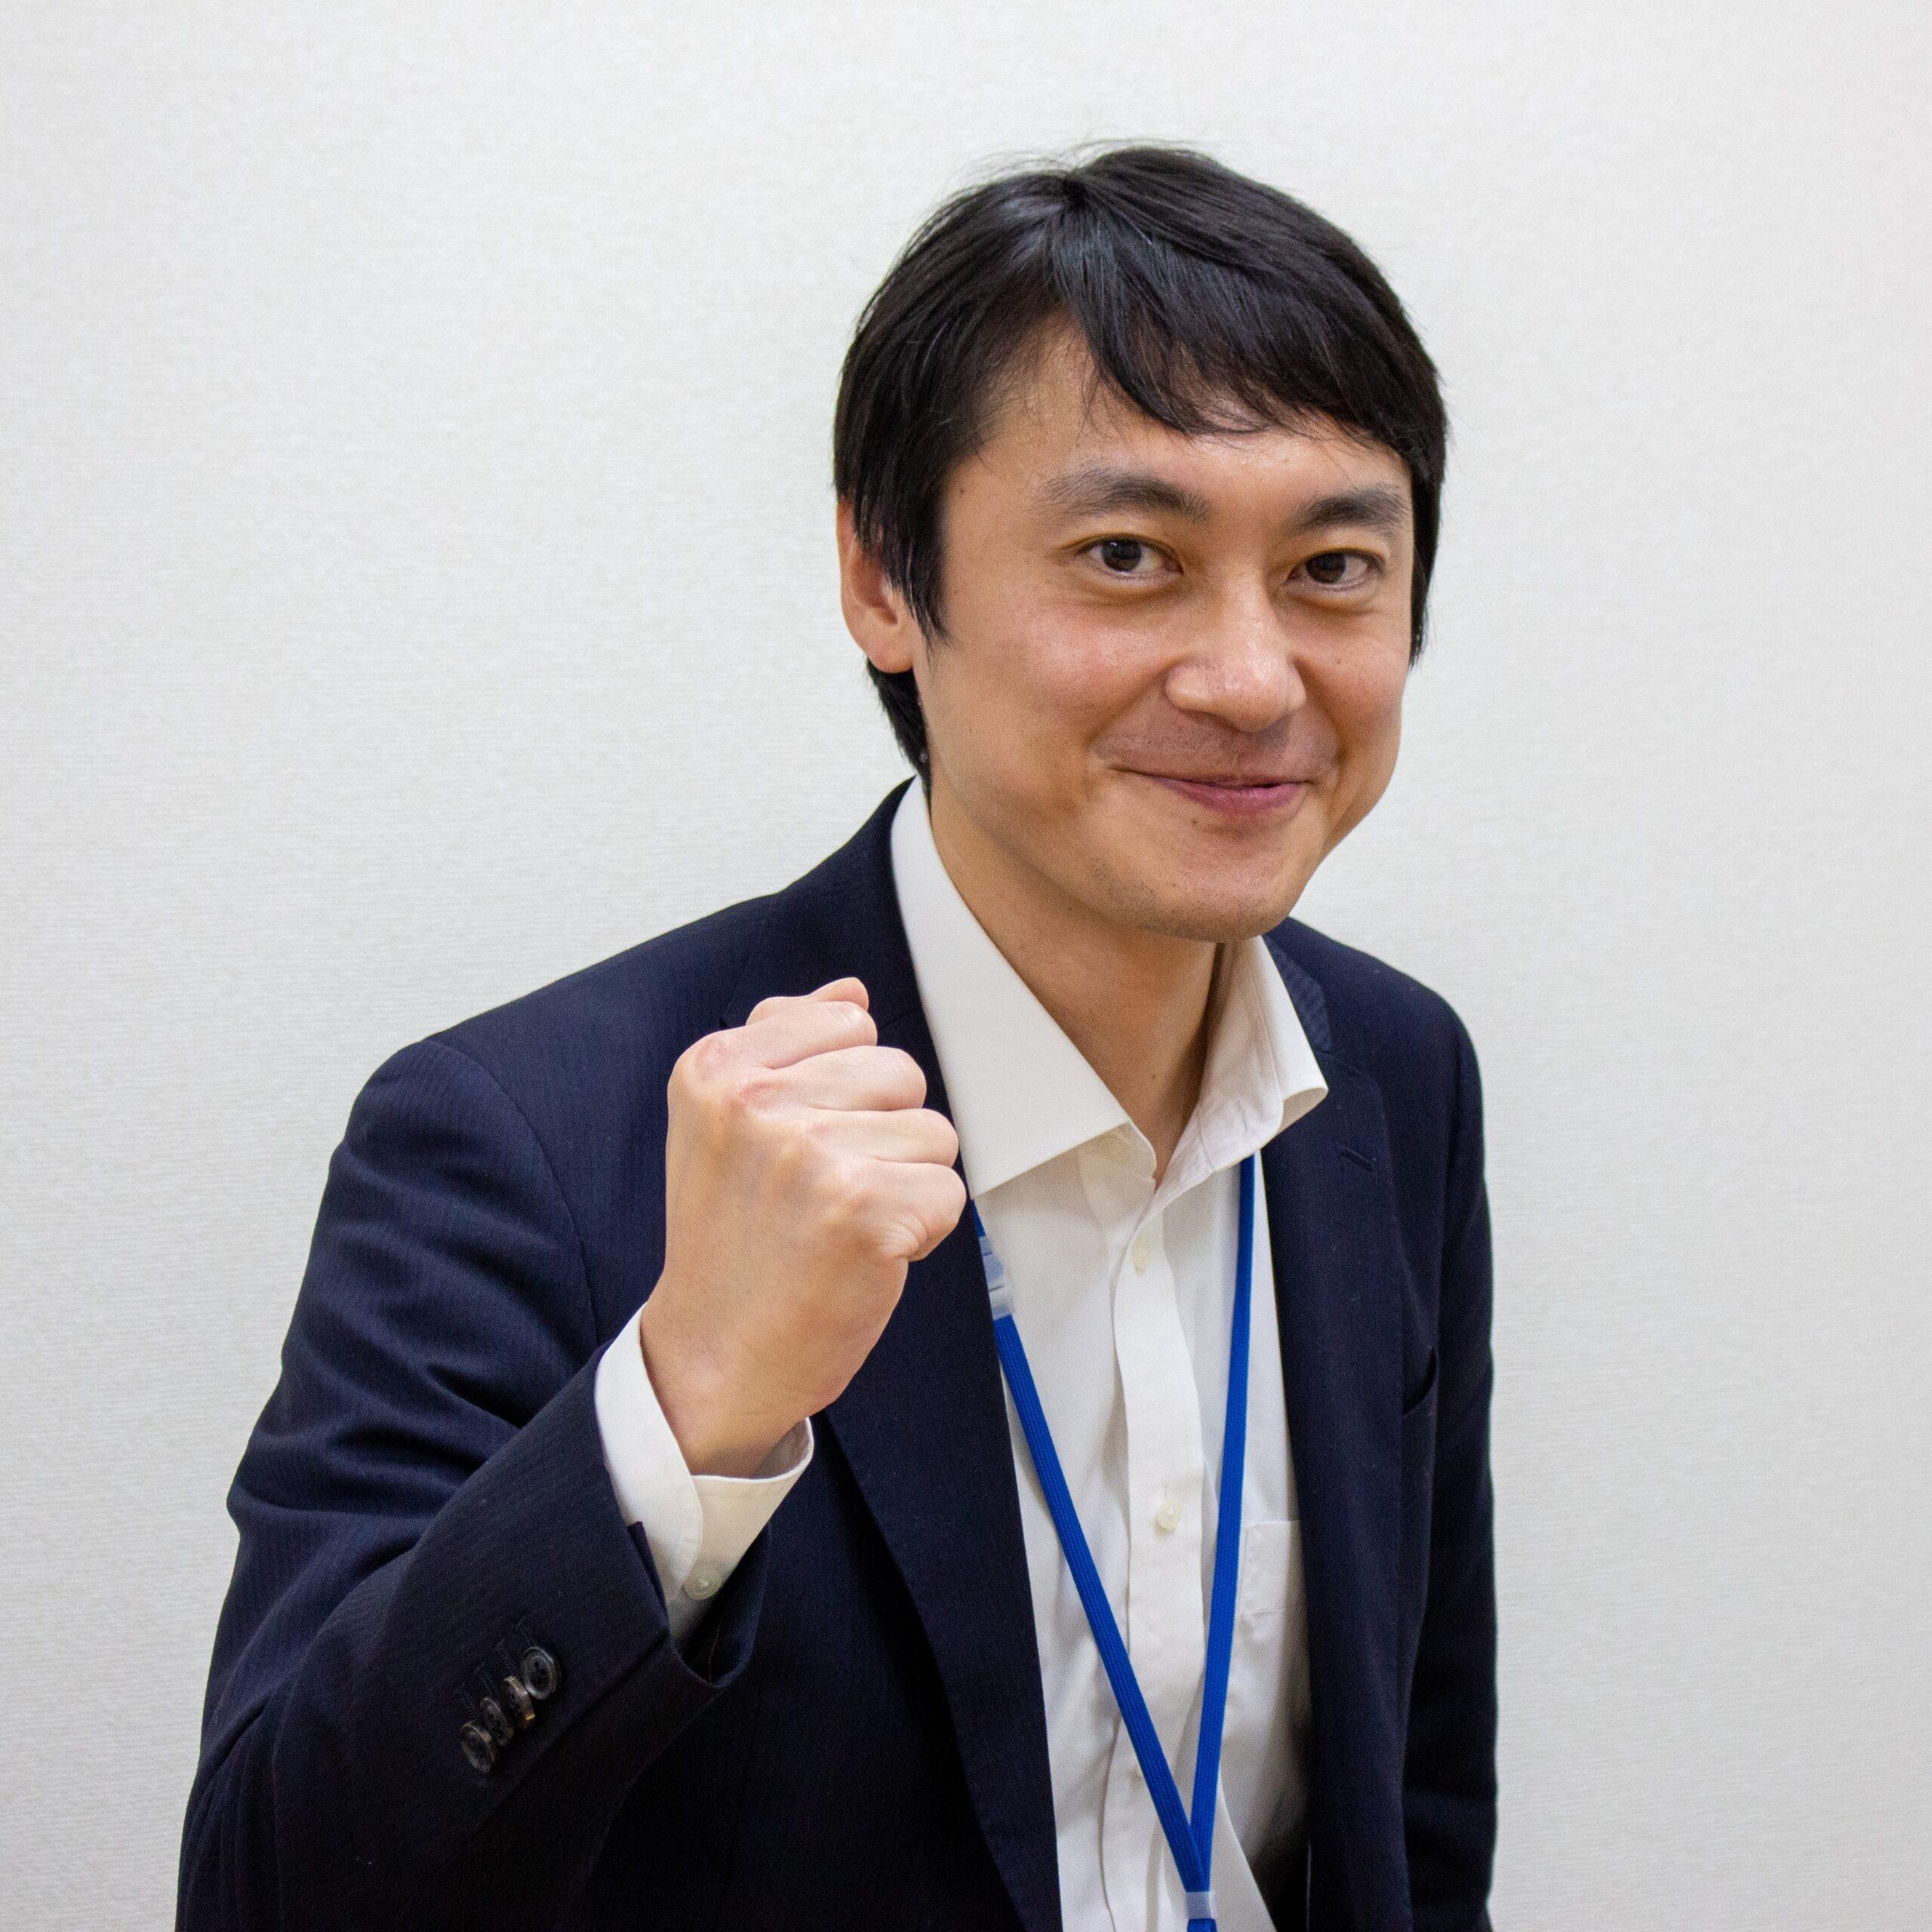 お話を聞いたのは:長谷川孝さんの写真